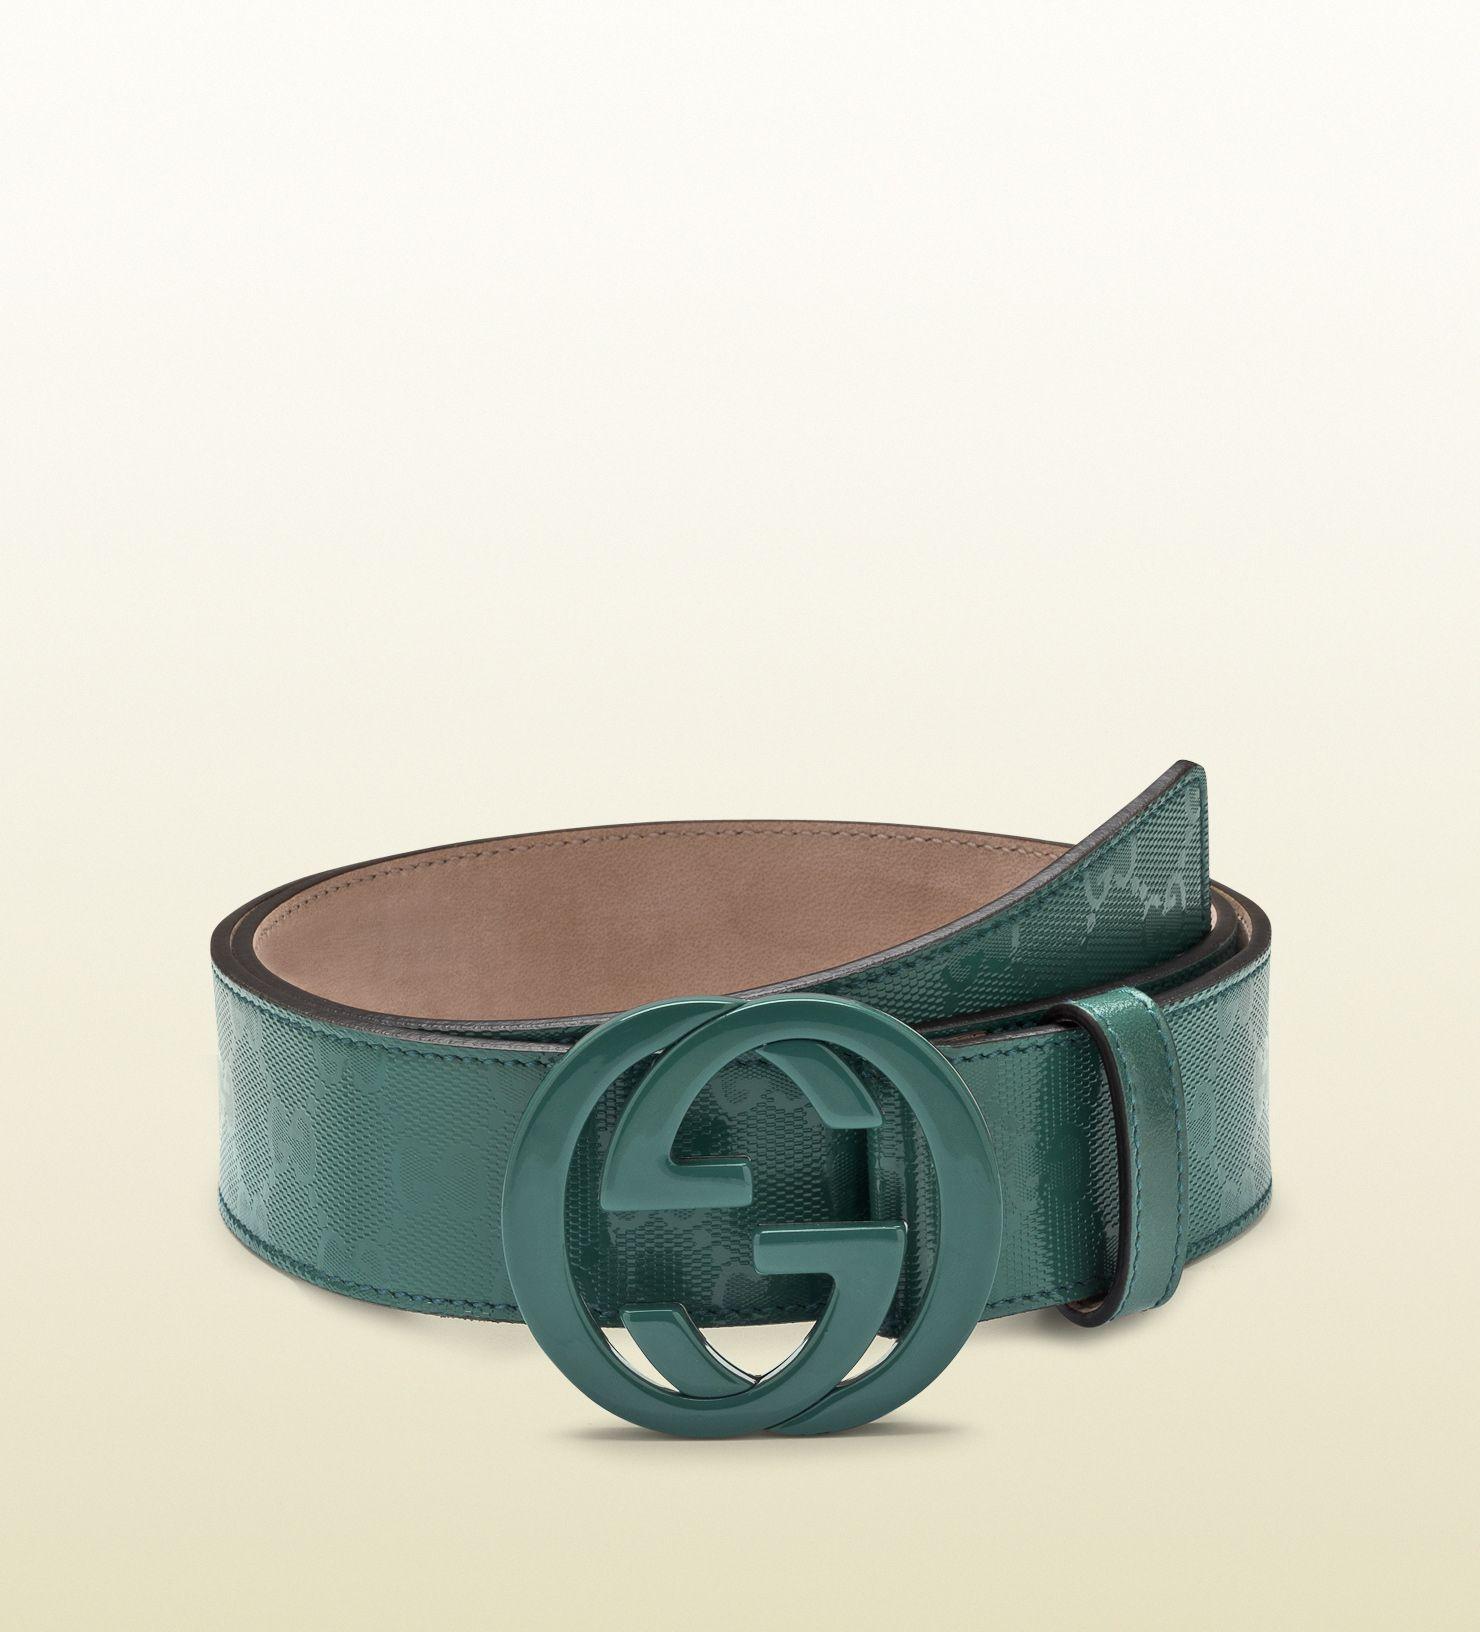 96632f5c6 dark green gg imprimée belt with interlocking G buckle | Leather ...